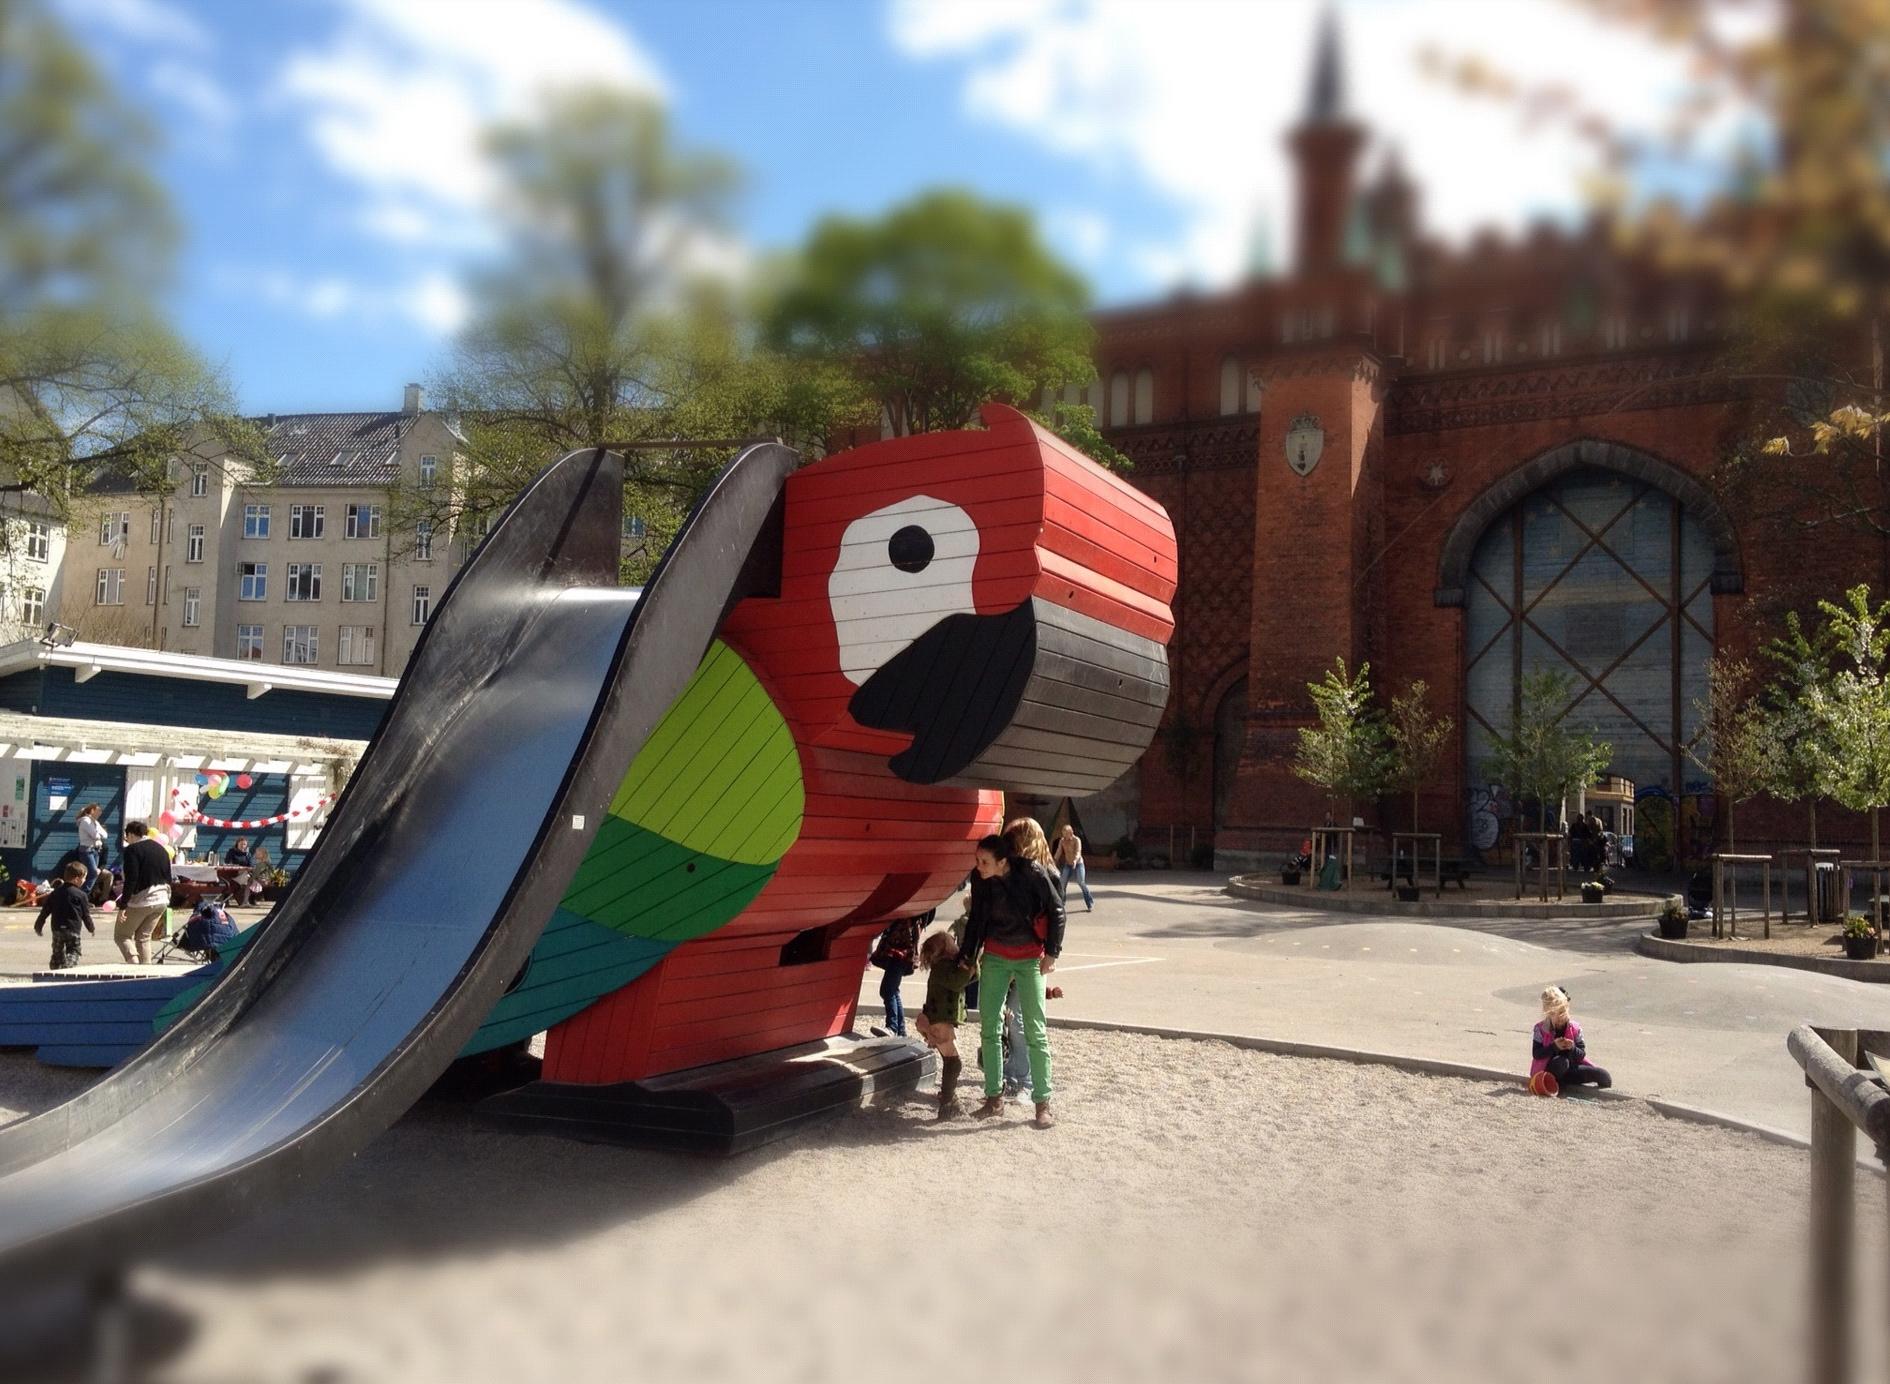 Parpegøjerutsjebane legeplads kreativ københavn